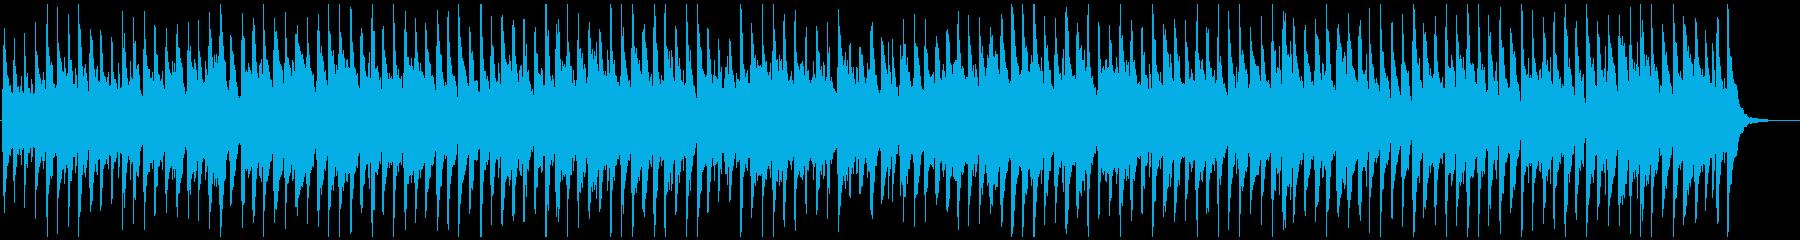 コロコロとした跳ねるリズムのウクレレ曲の再生済みの波形